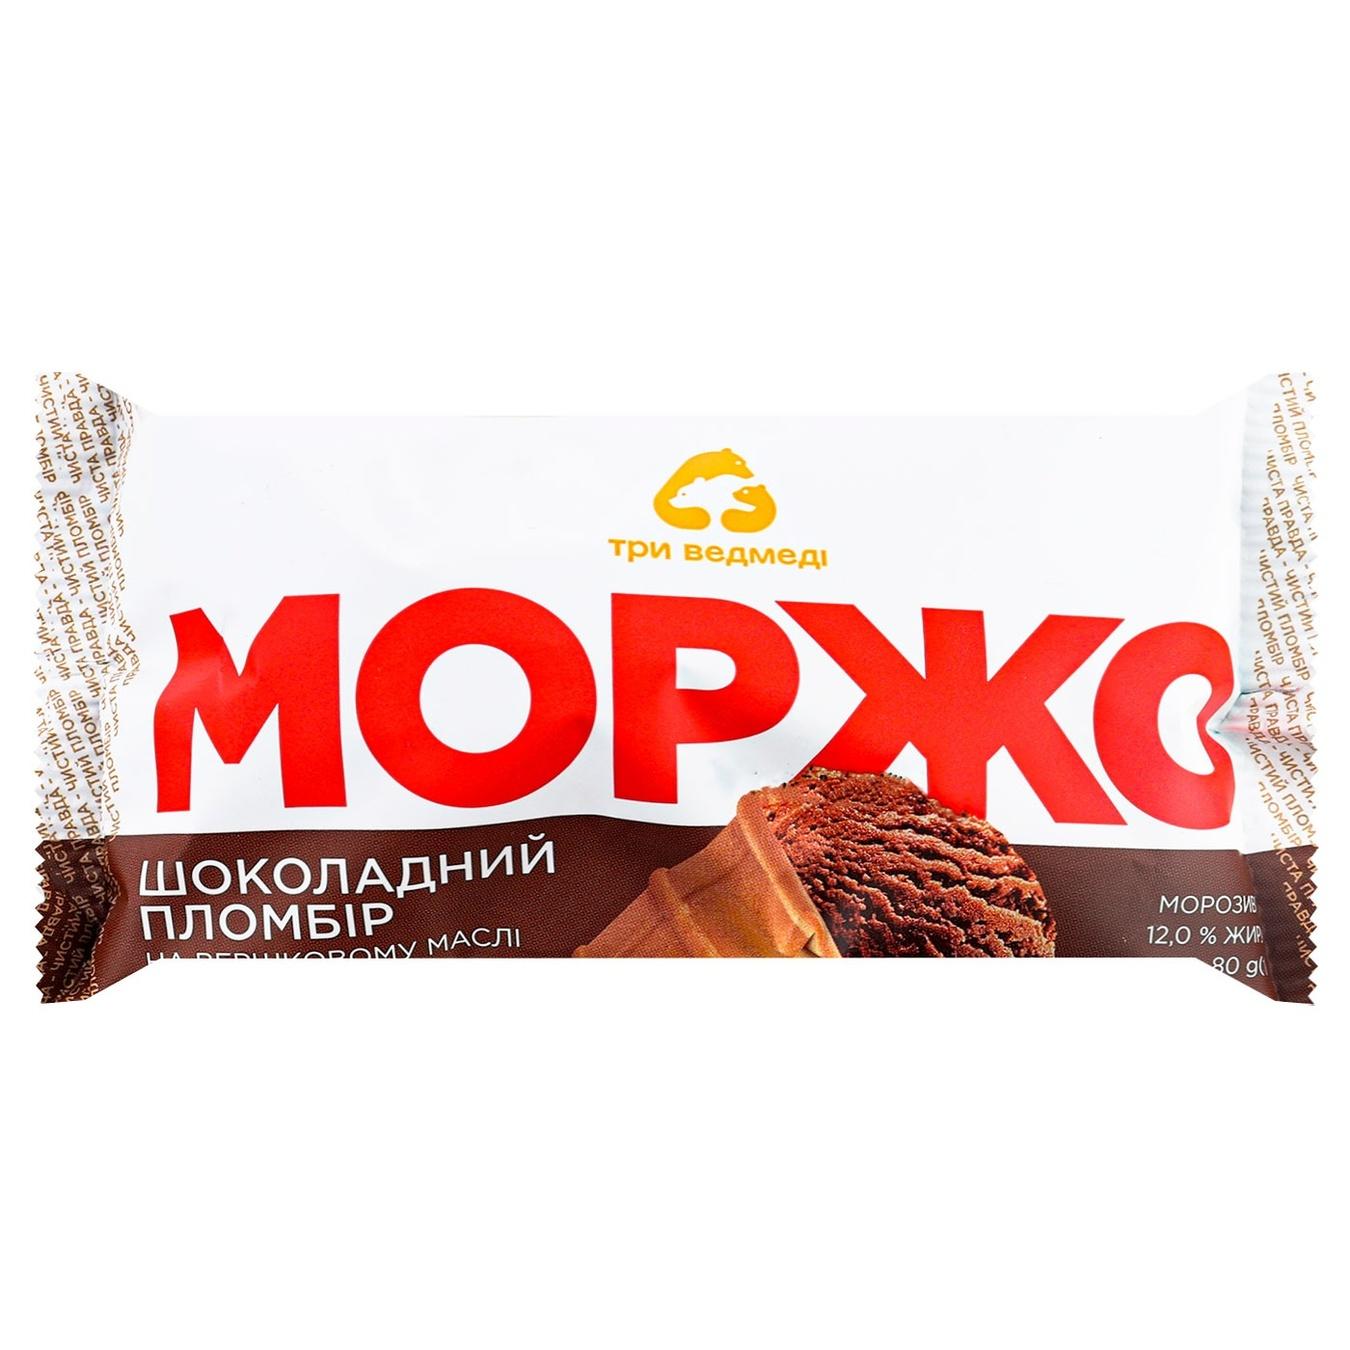 Три Ведмеді / Мороженое Три Медведя Моржо пломбир шоколадный 80г